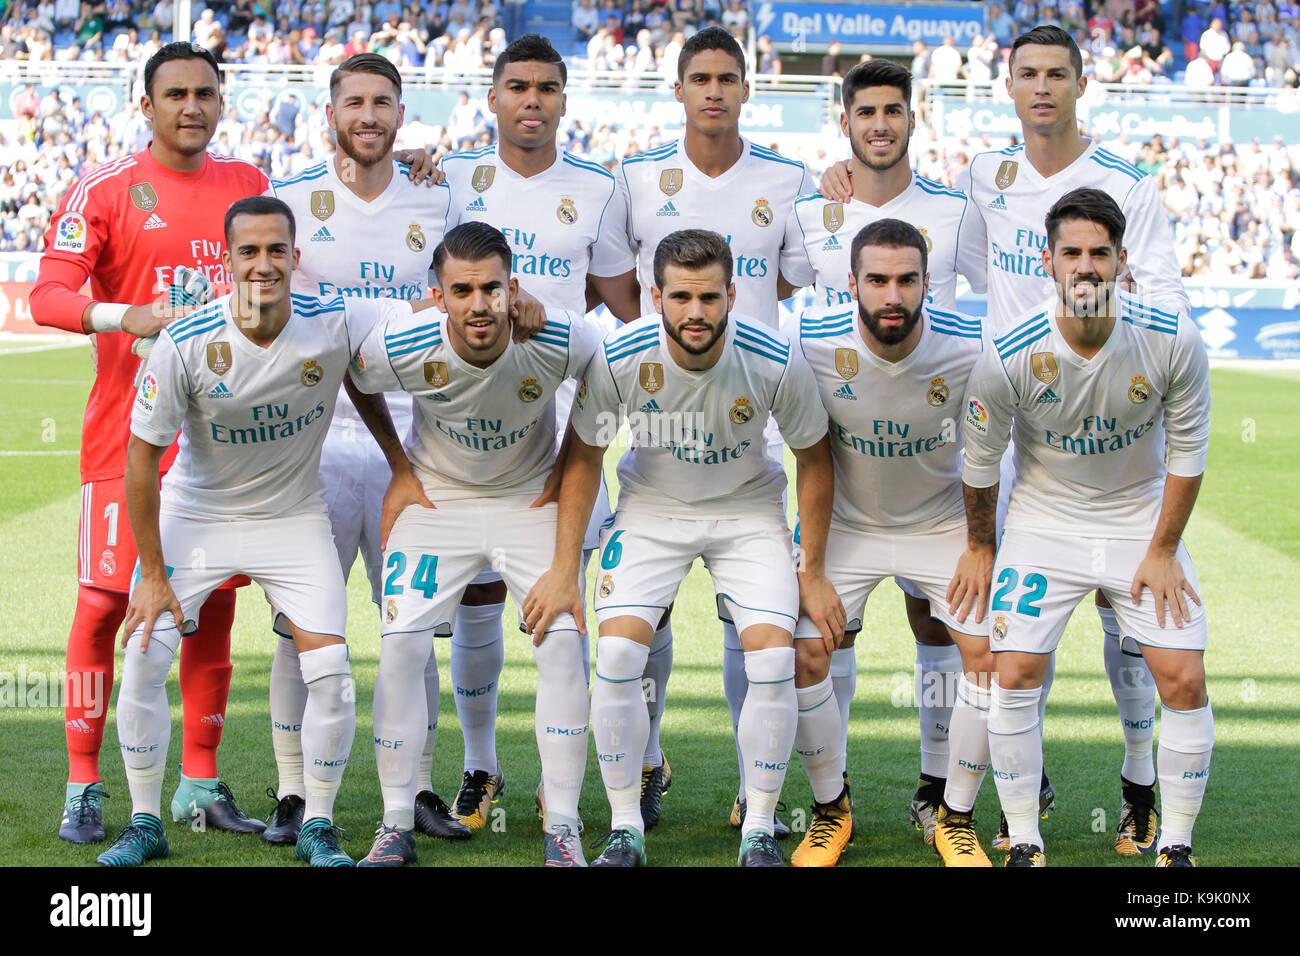 Alineación del Real madrid durante la liga santander coinciden entre alaves y el Real Madrid en el estadio Imagen De Stock